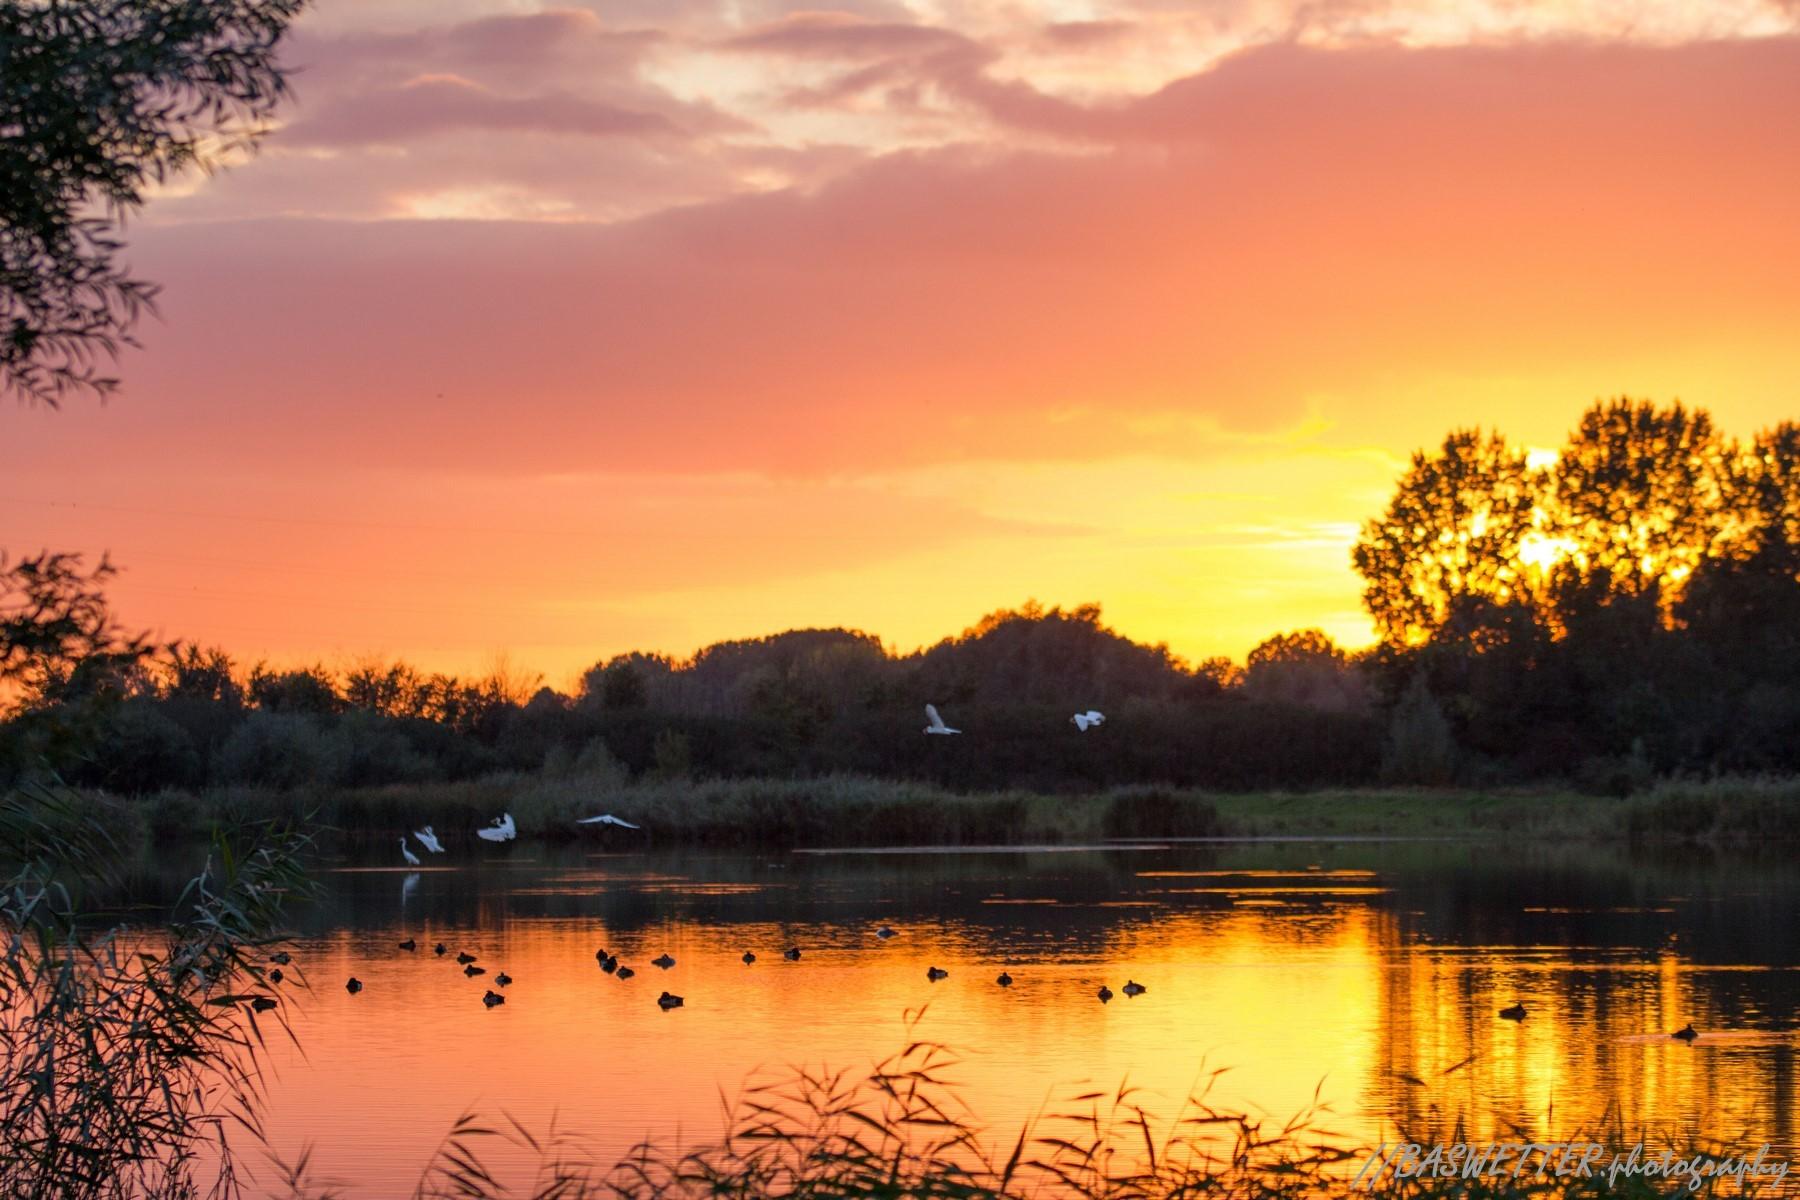 Grote zilverreiger landt tijdens zonsondergang in de uiterwaarden